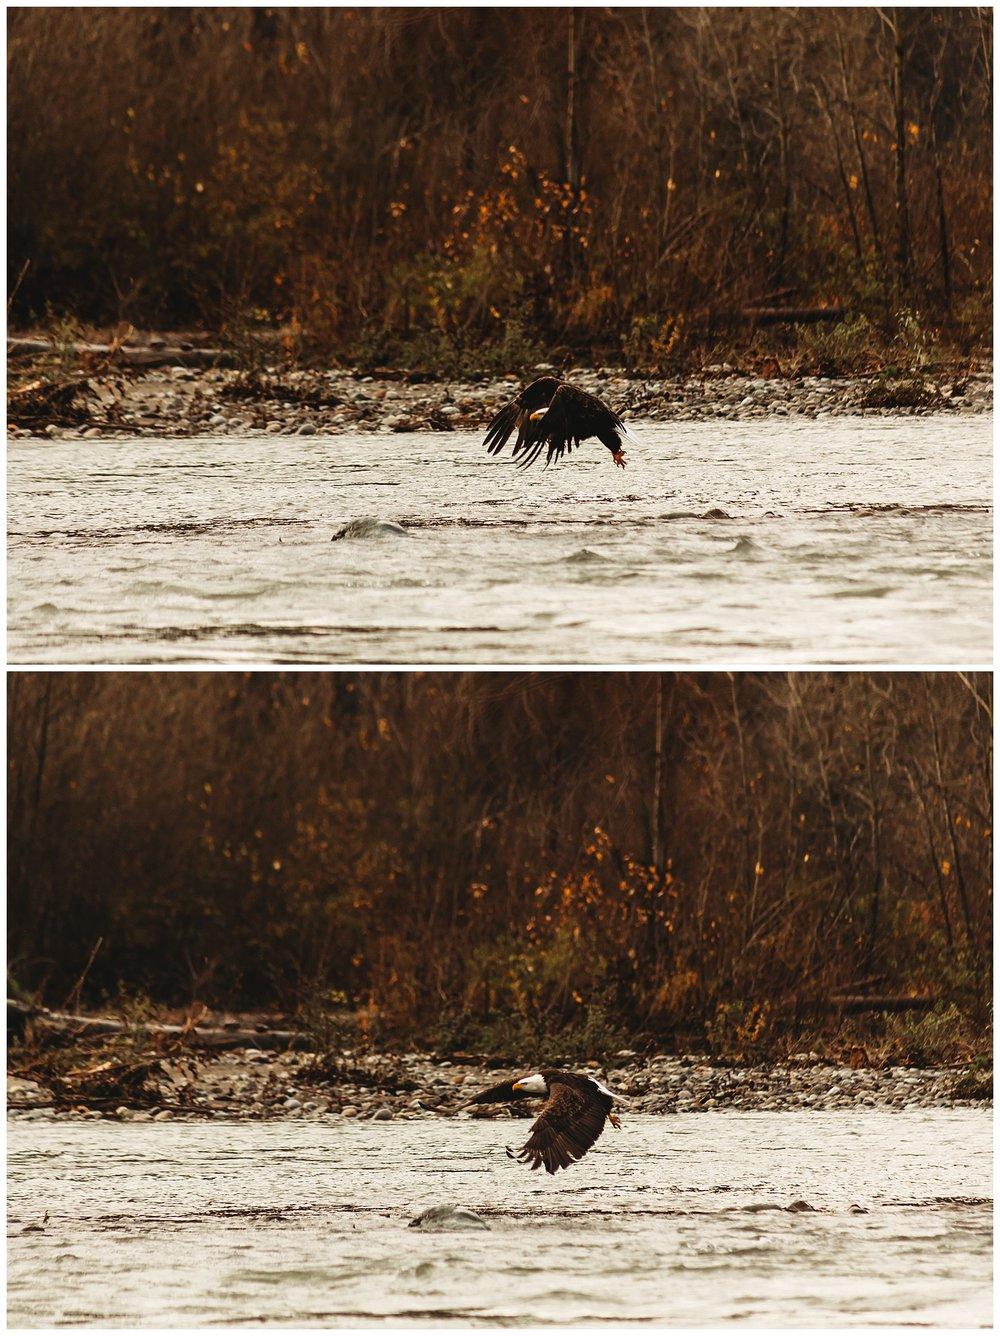 Eagles Vedder River Chilliwack 4.jpg